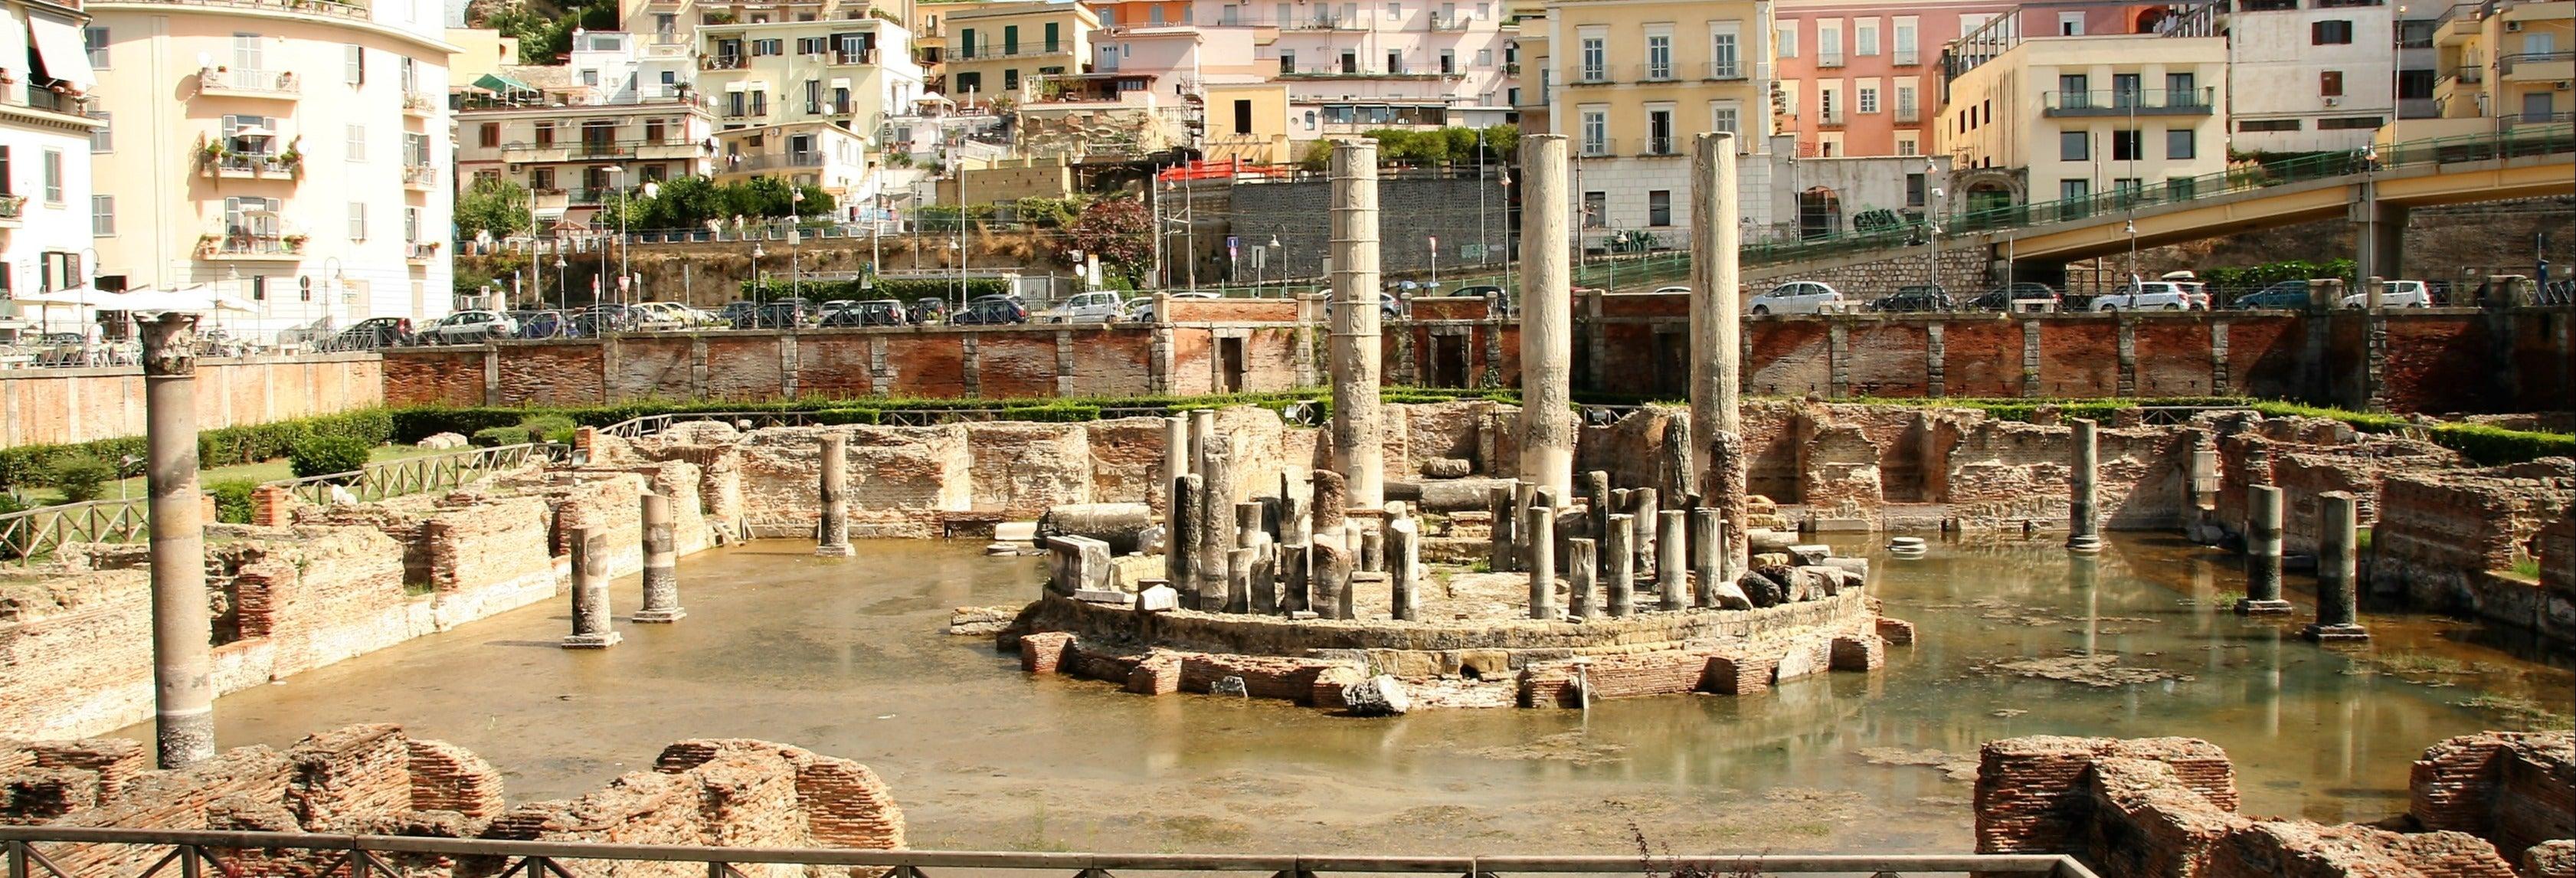 Excursión a Pozzuoli